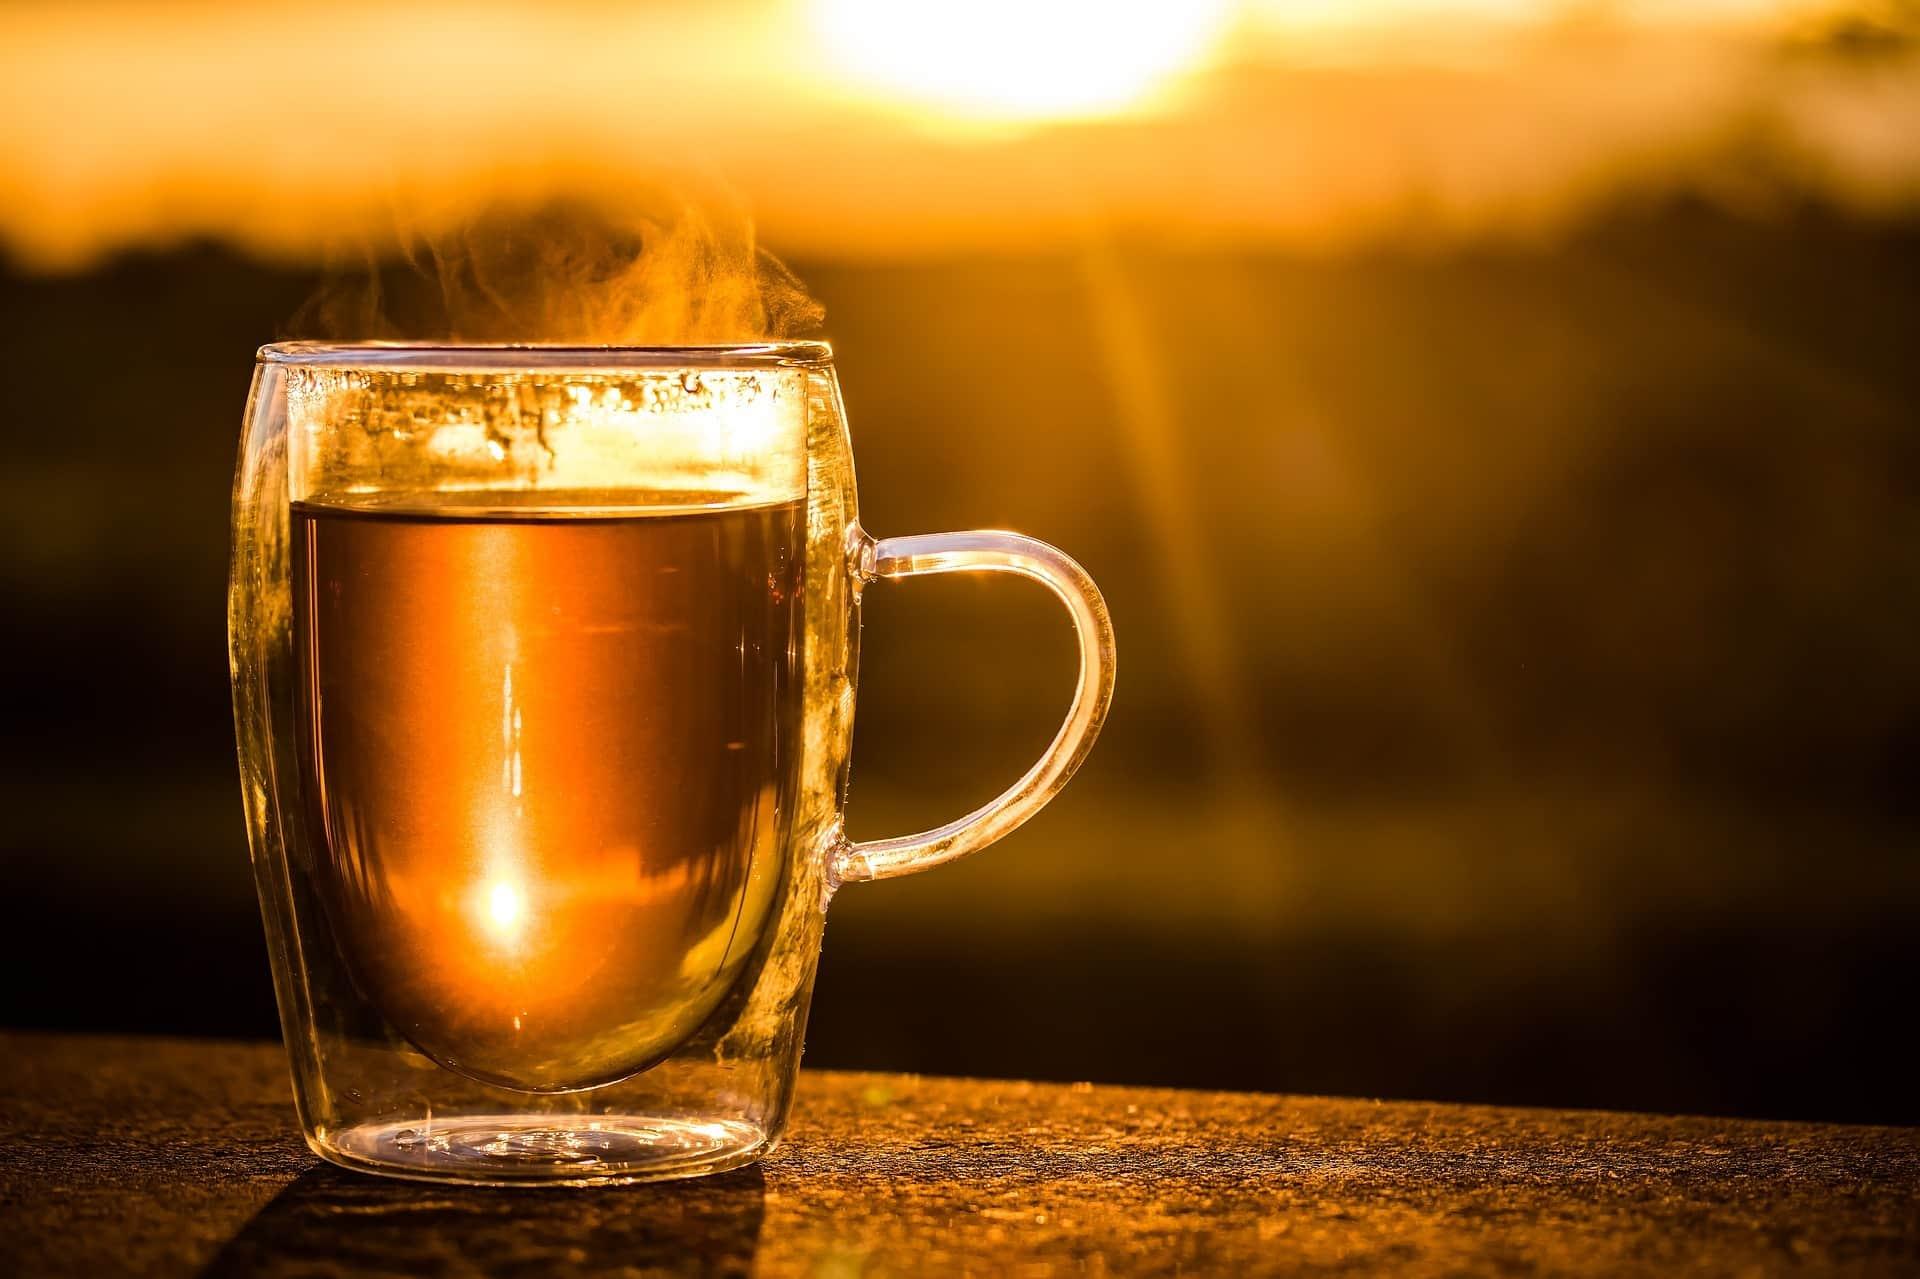 warming tea